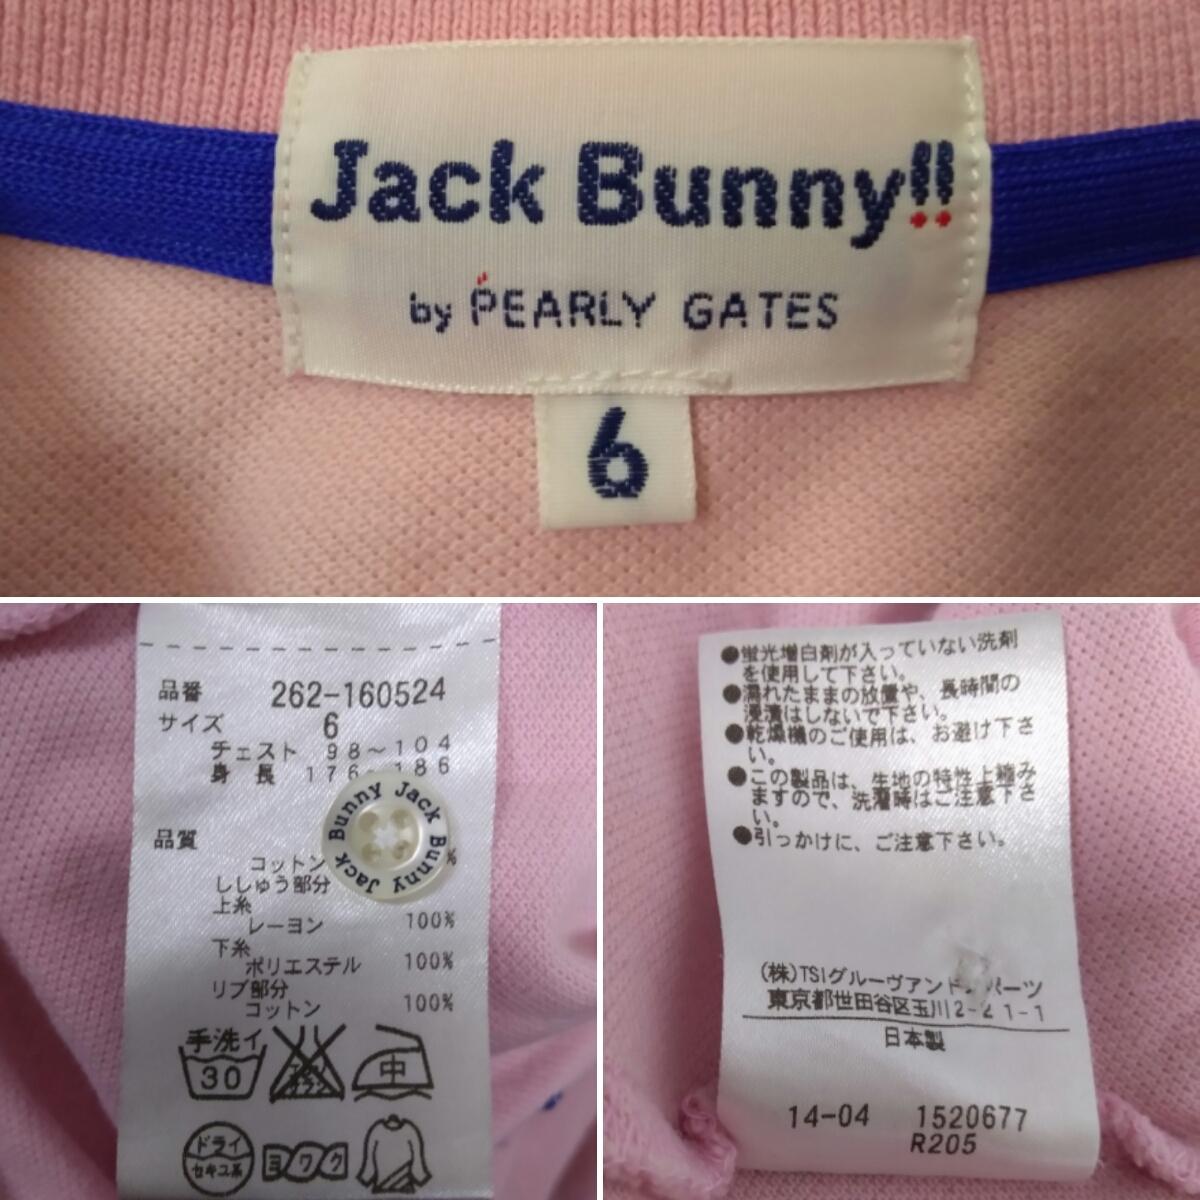 豪華2点 PEARLY GATES JACK BUNNY 吸水速乾 半袖ポロシャツ サーフィン メンズ6 パーリーゲイツ ゴルフウェア ホワイト ピンク 1904140_画像10